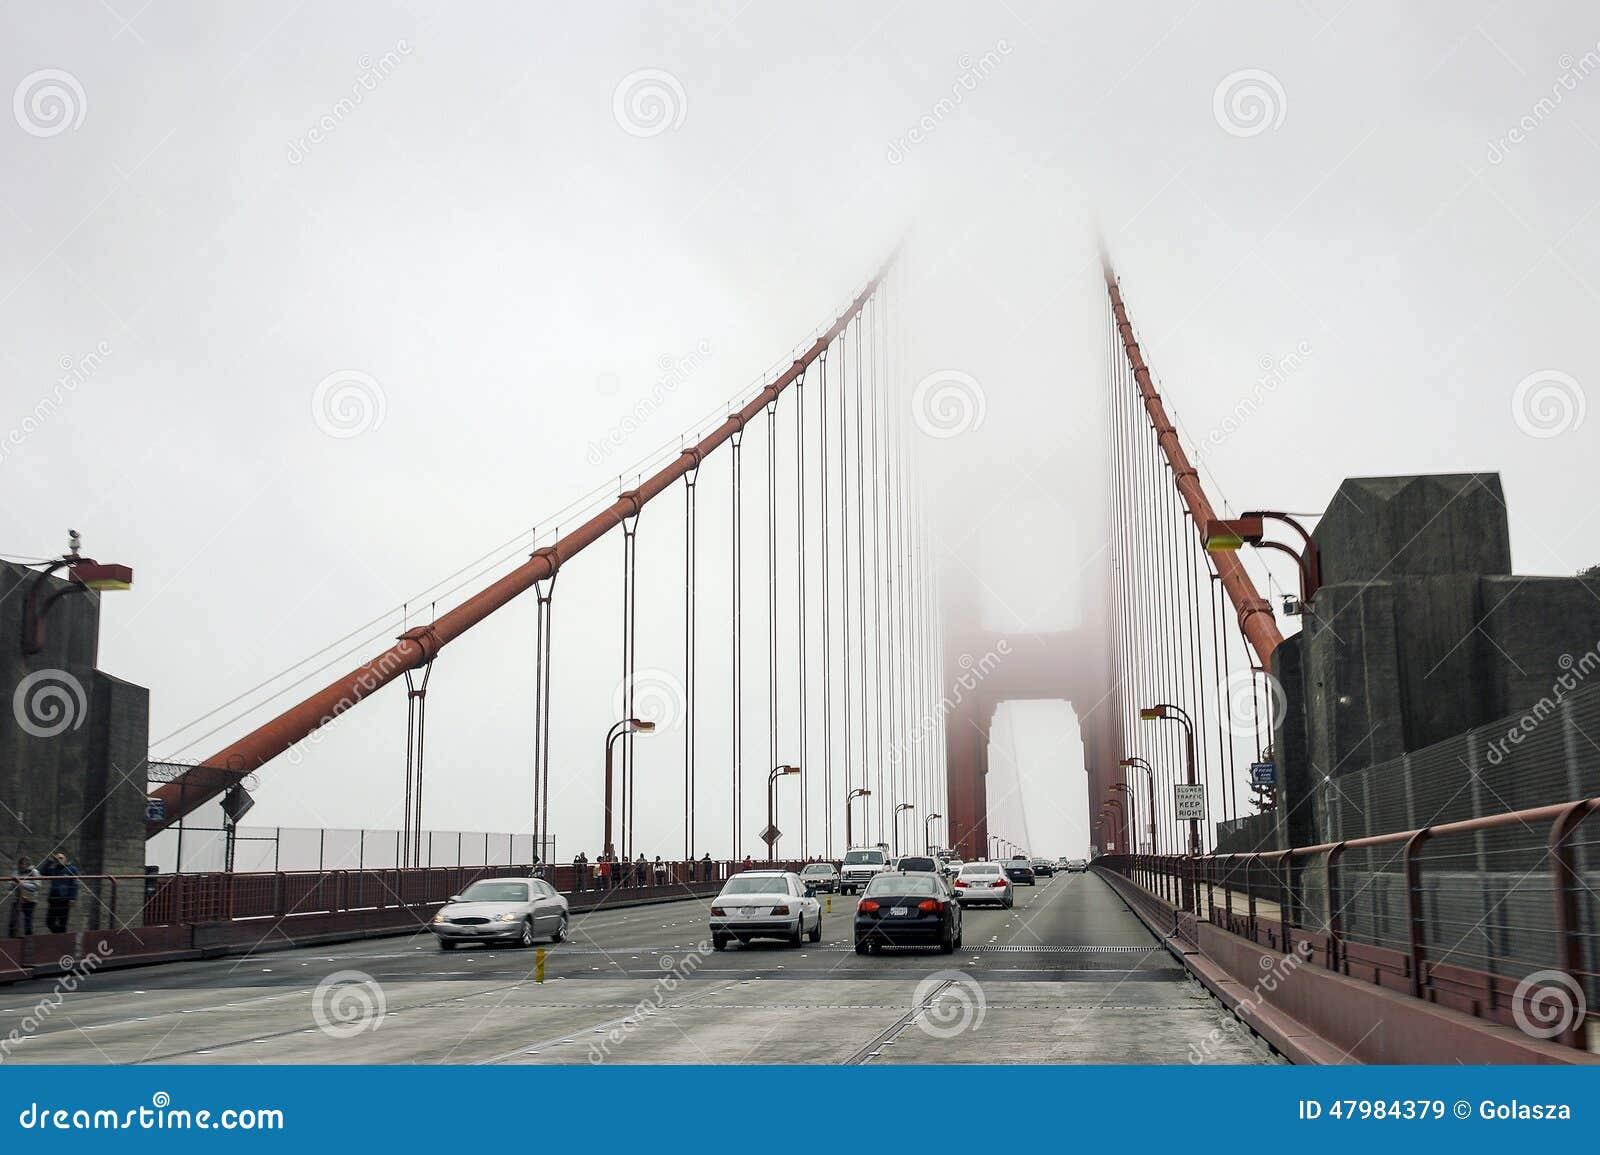 le trafic de voiture sur le pont d 39 or dans une brume san francisco image stock ditorial. Black Bedroom Furniture Sets. Home Design Ideas